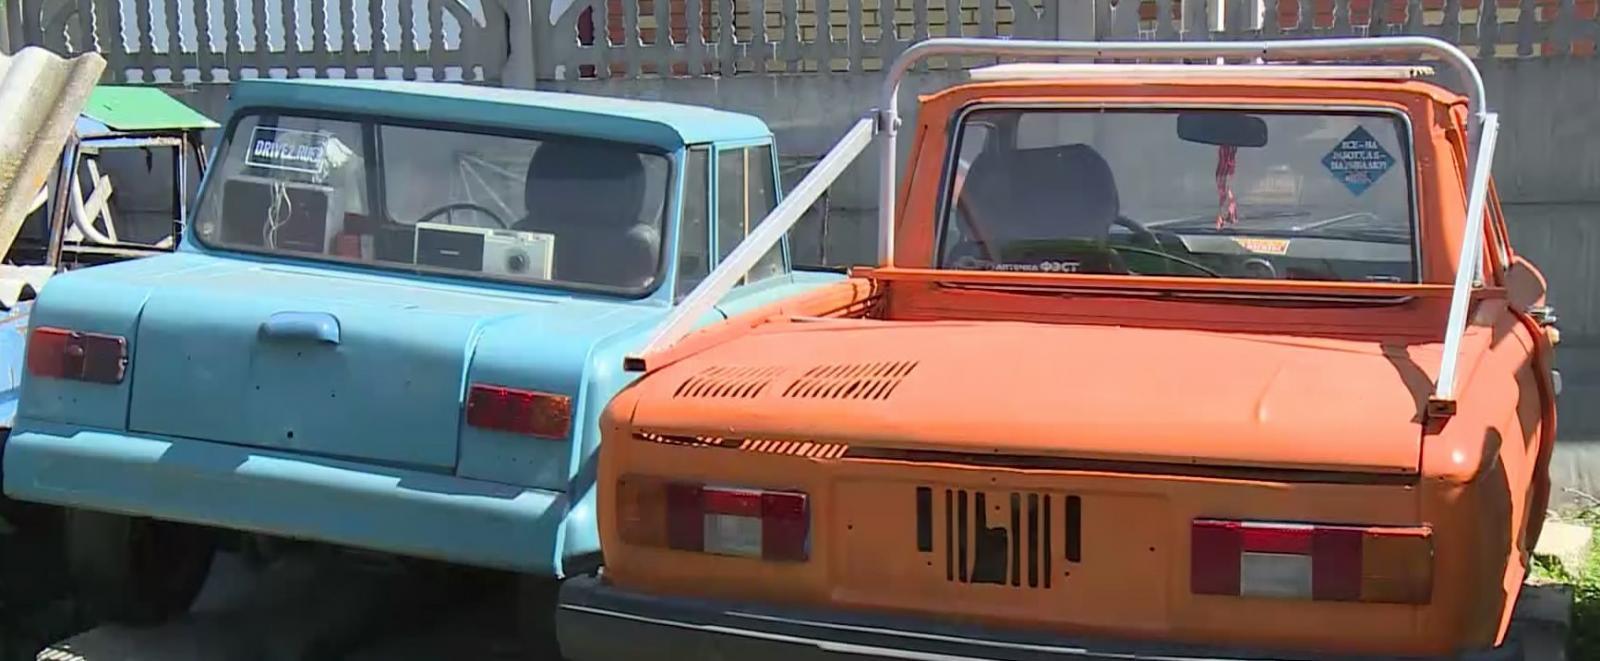 В Суземке создается музей ретроавтомобилей